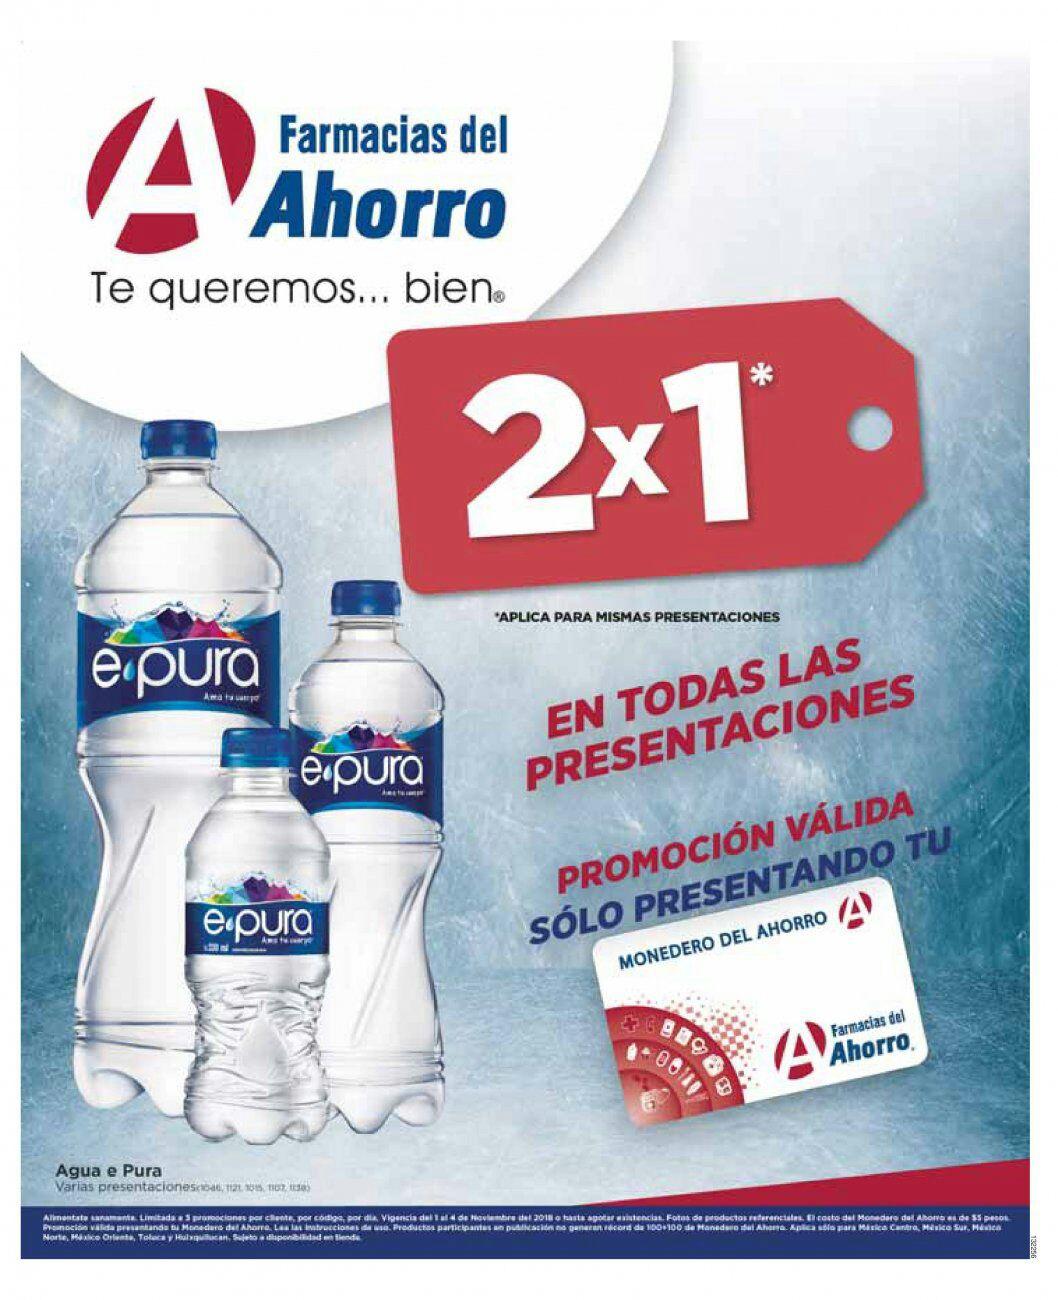 Farmacias del Ahorro: 2 x 1 en agua E-pura en todas sus presentaciones presentando el monedero del Ahorro